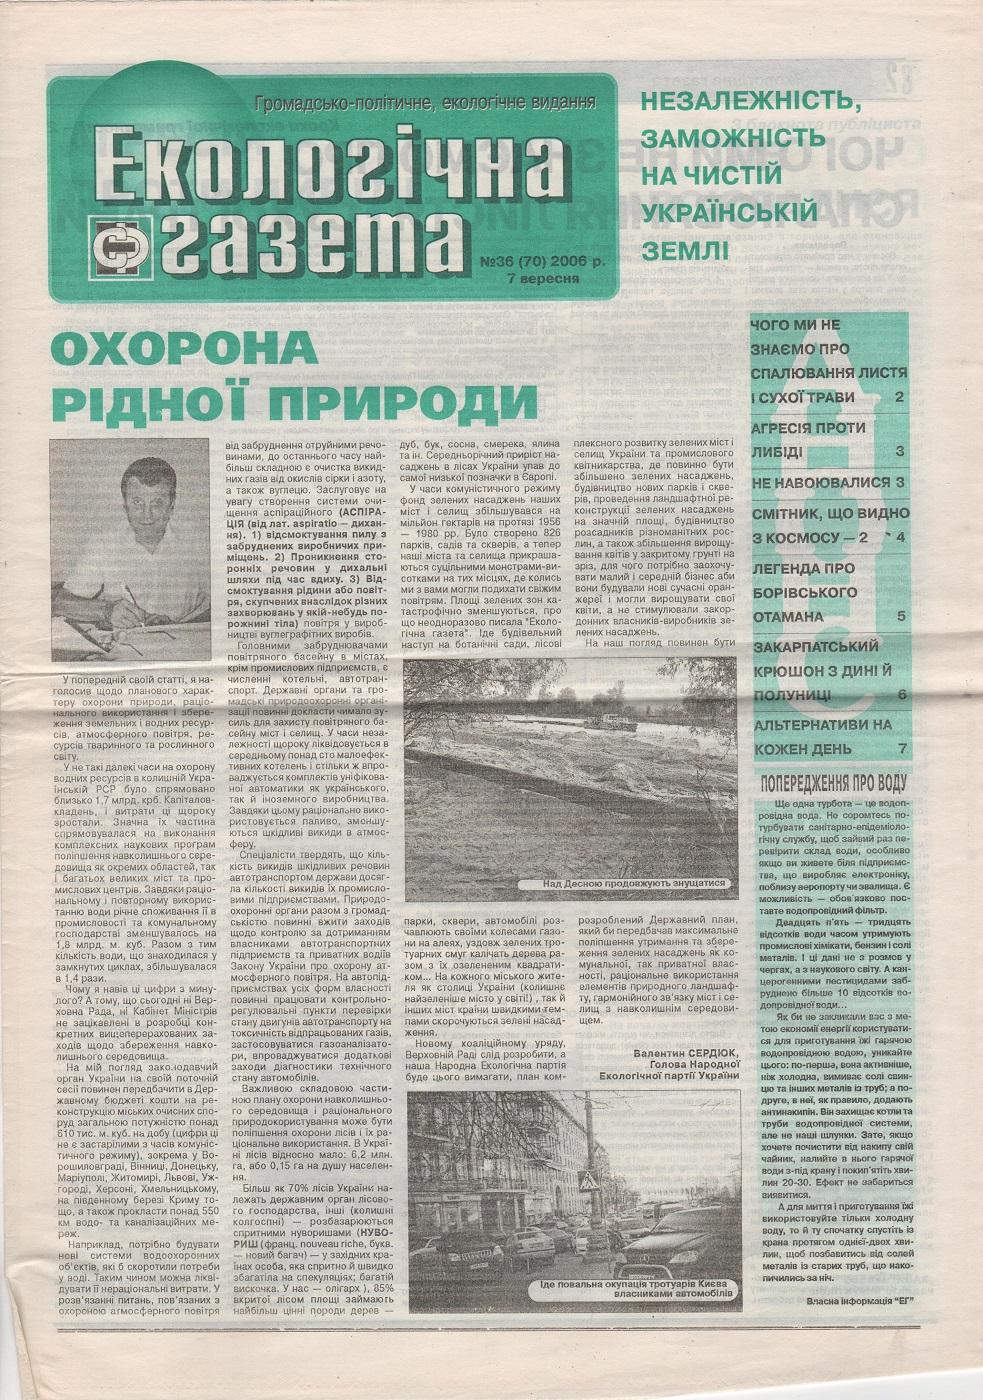 """Газети. Газета """"Екологічна газета"""" № 36 (70), від 7 вересня 2006 року"""